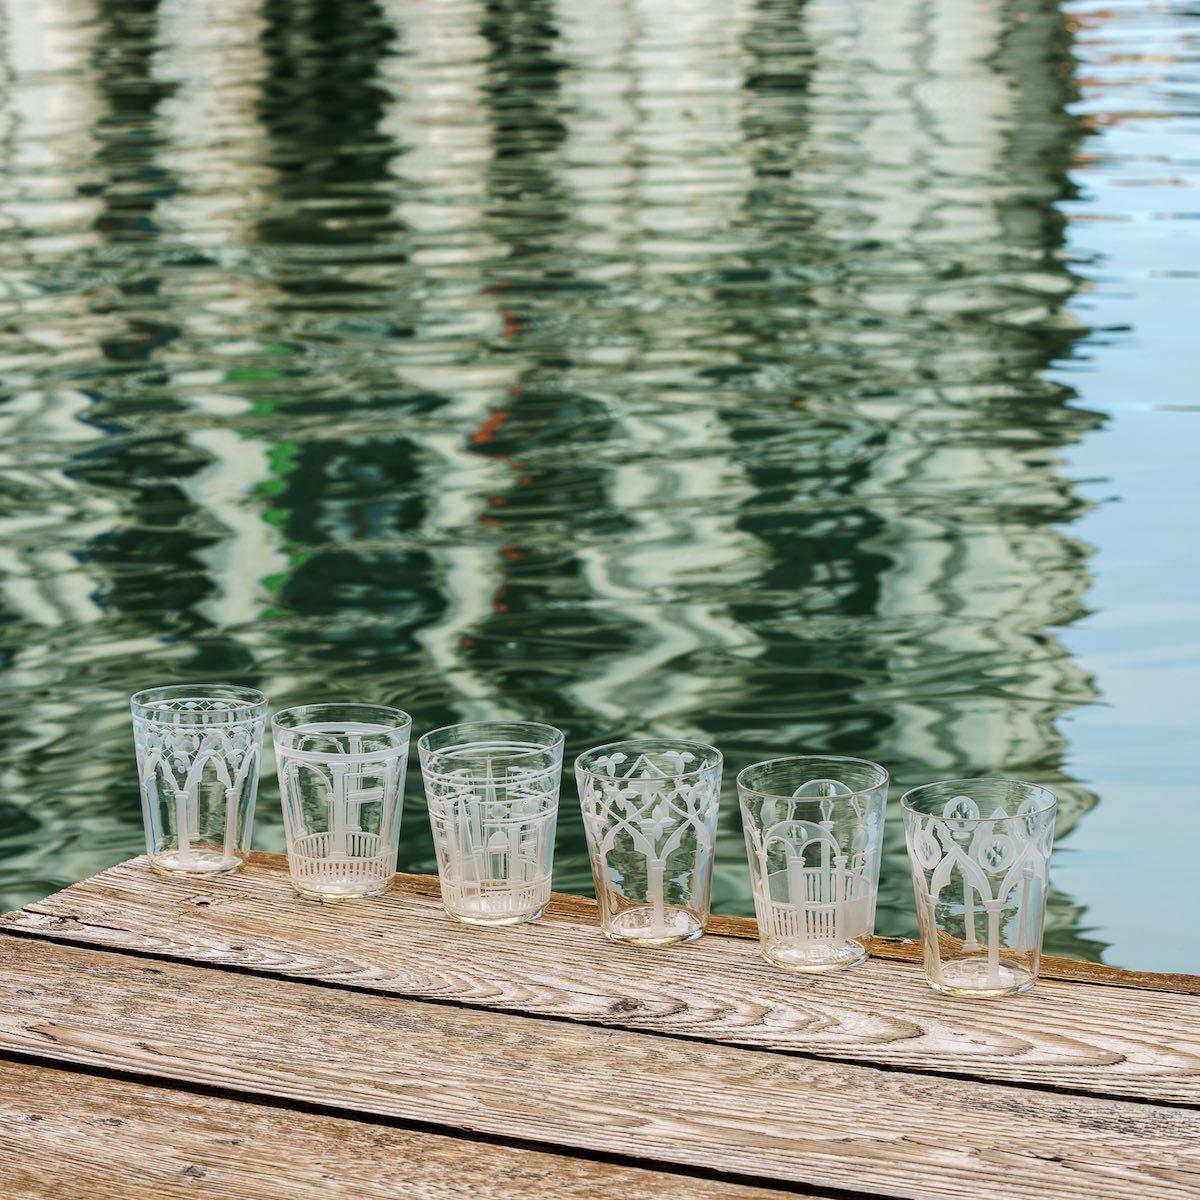 palazzo-glass-engraved-murano-laguna